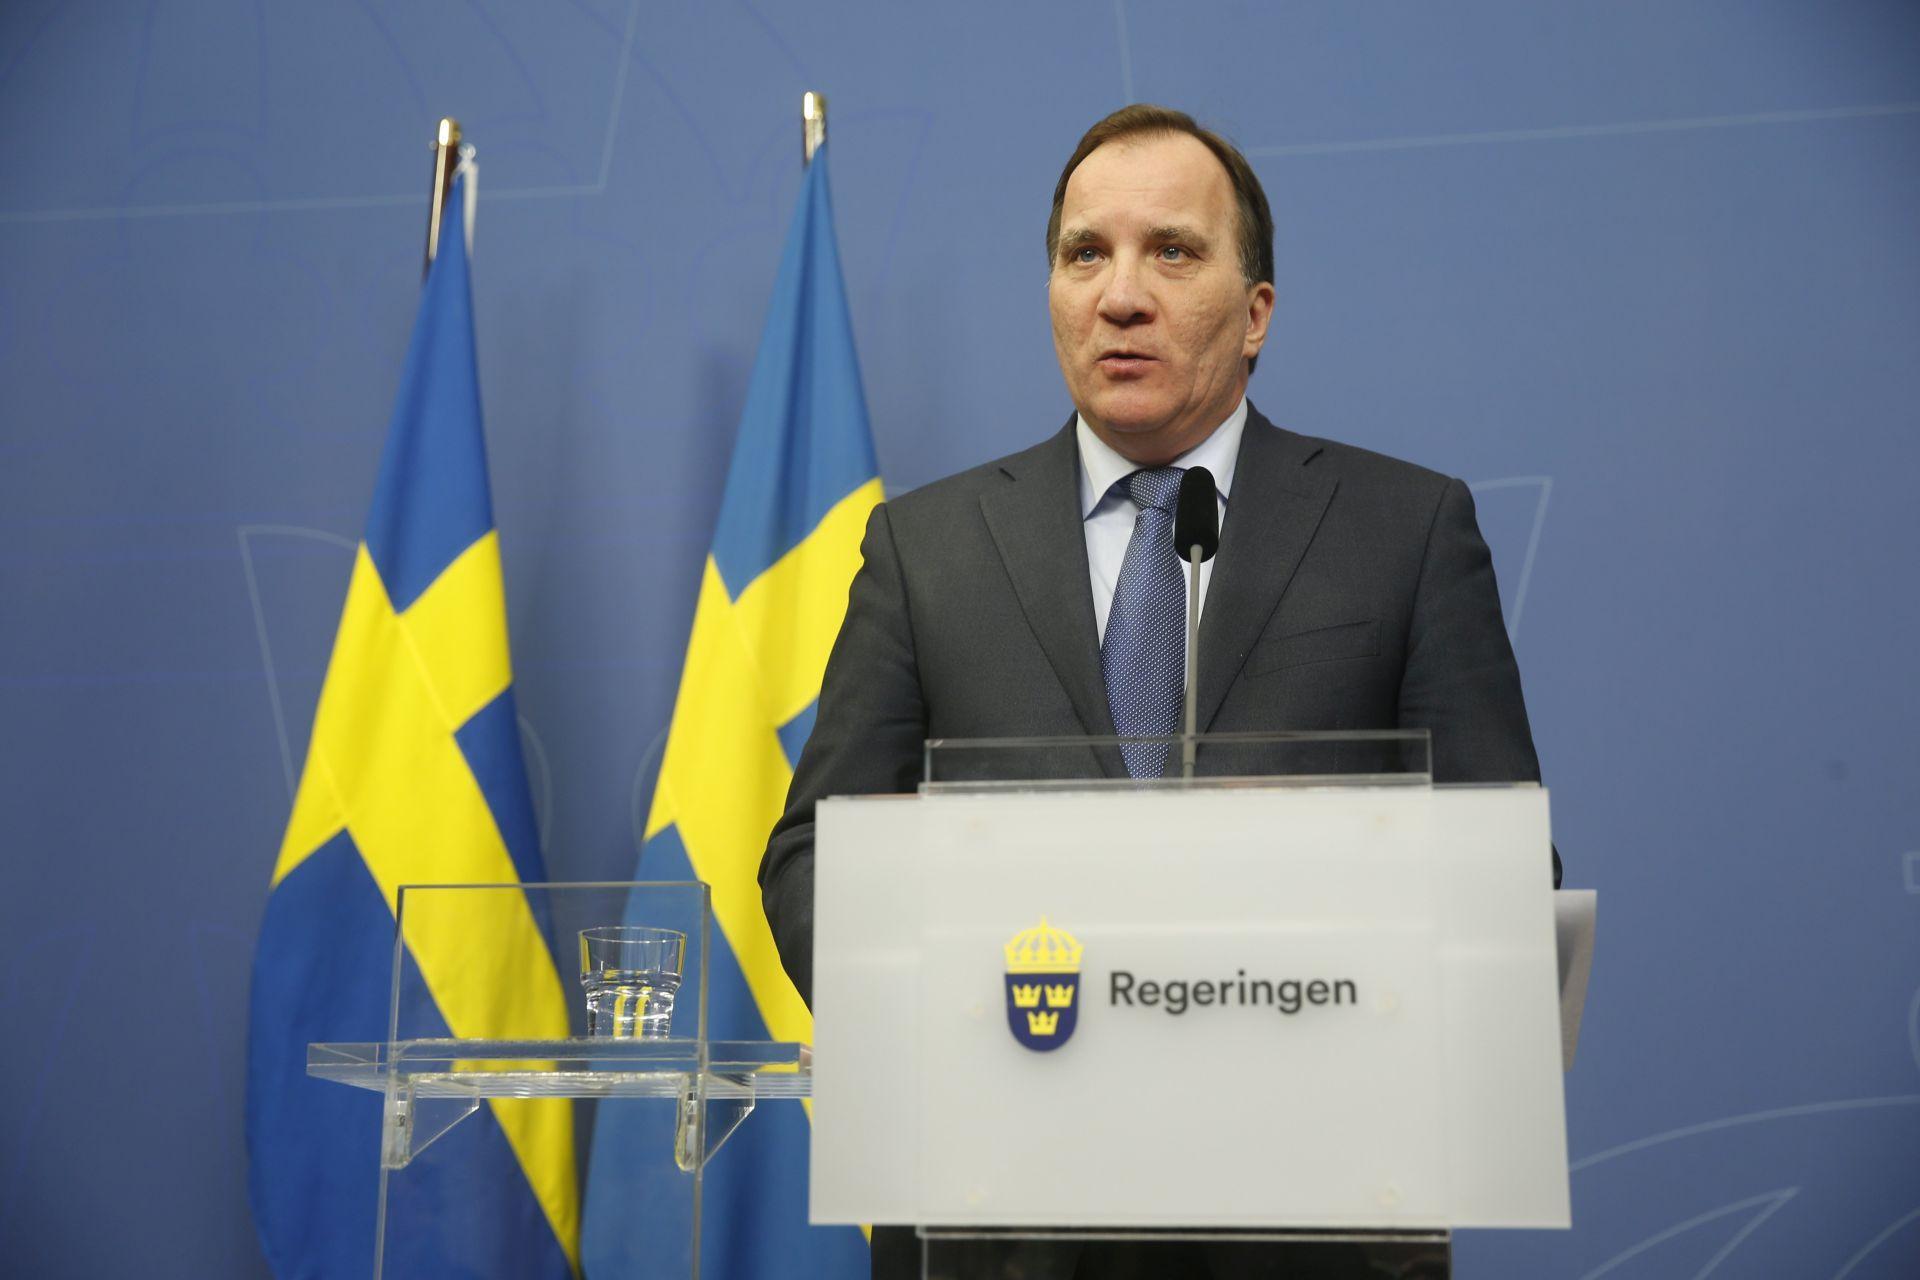 PREMIJER LOFVEN: 'Švedska je ujedinjena u žalosti i bijesu'